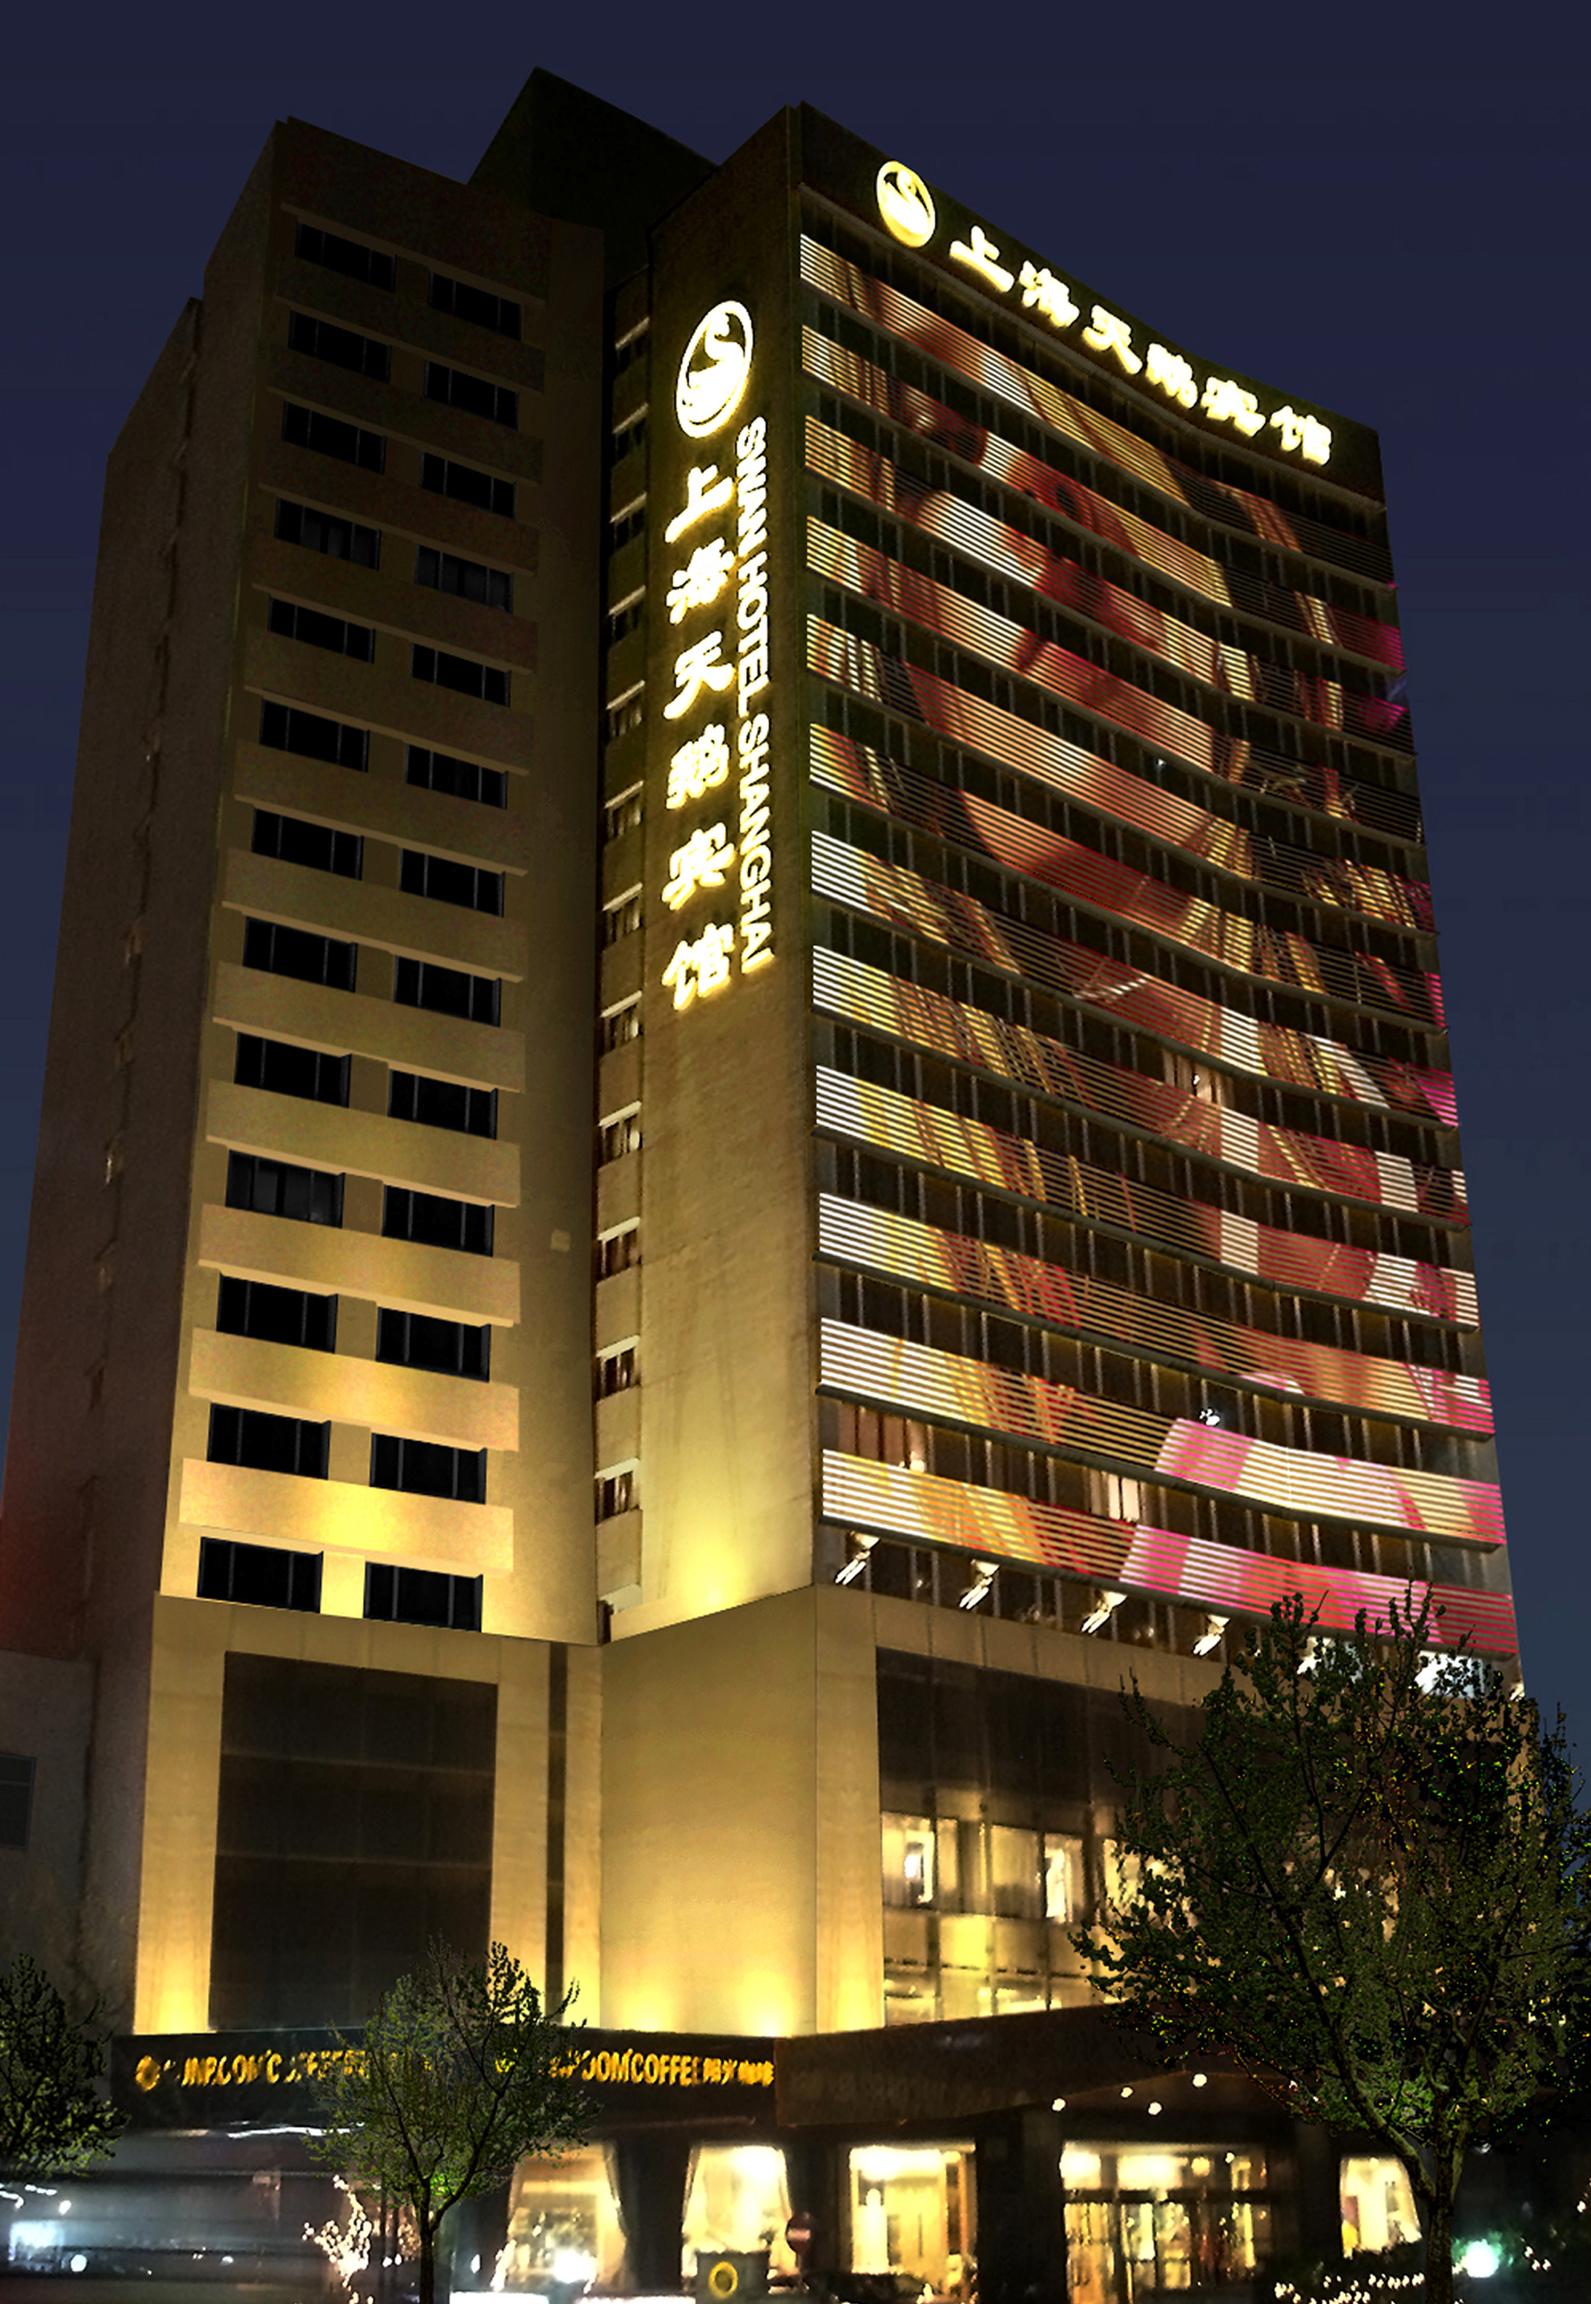 天鹅宾馆夜景灯光设计